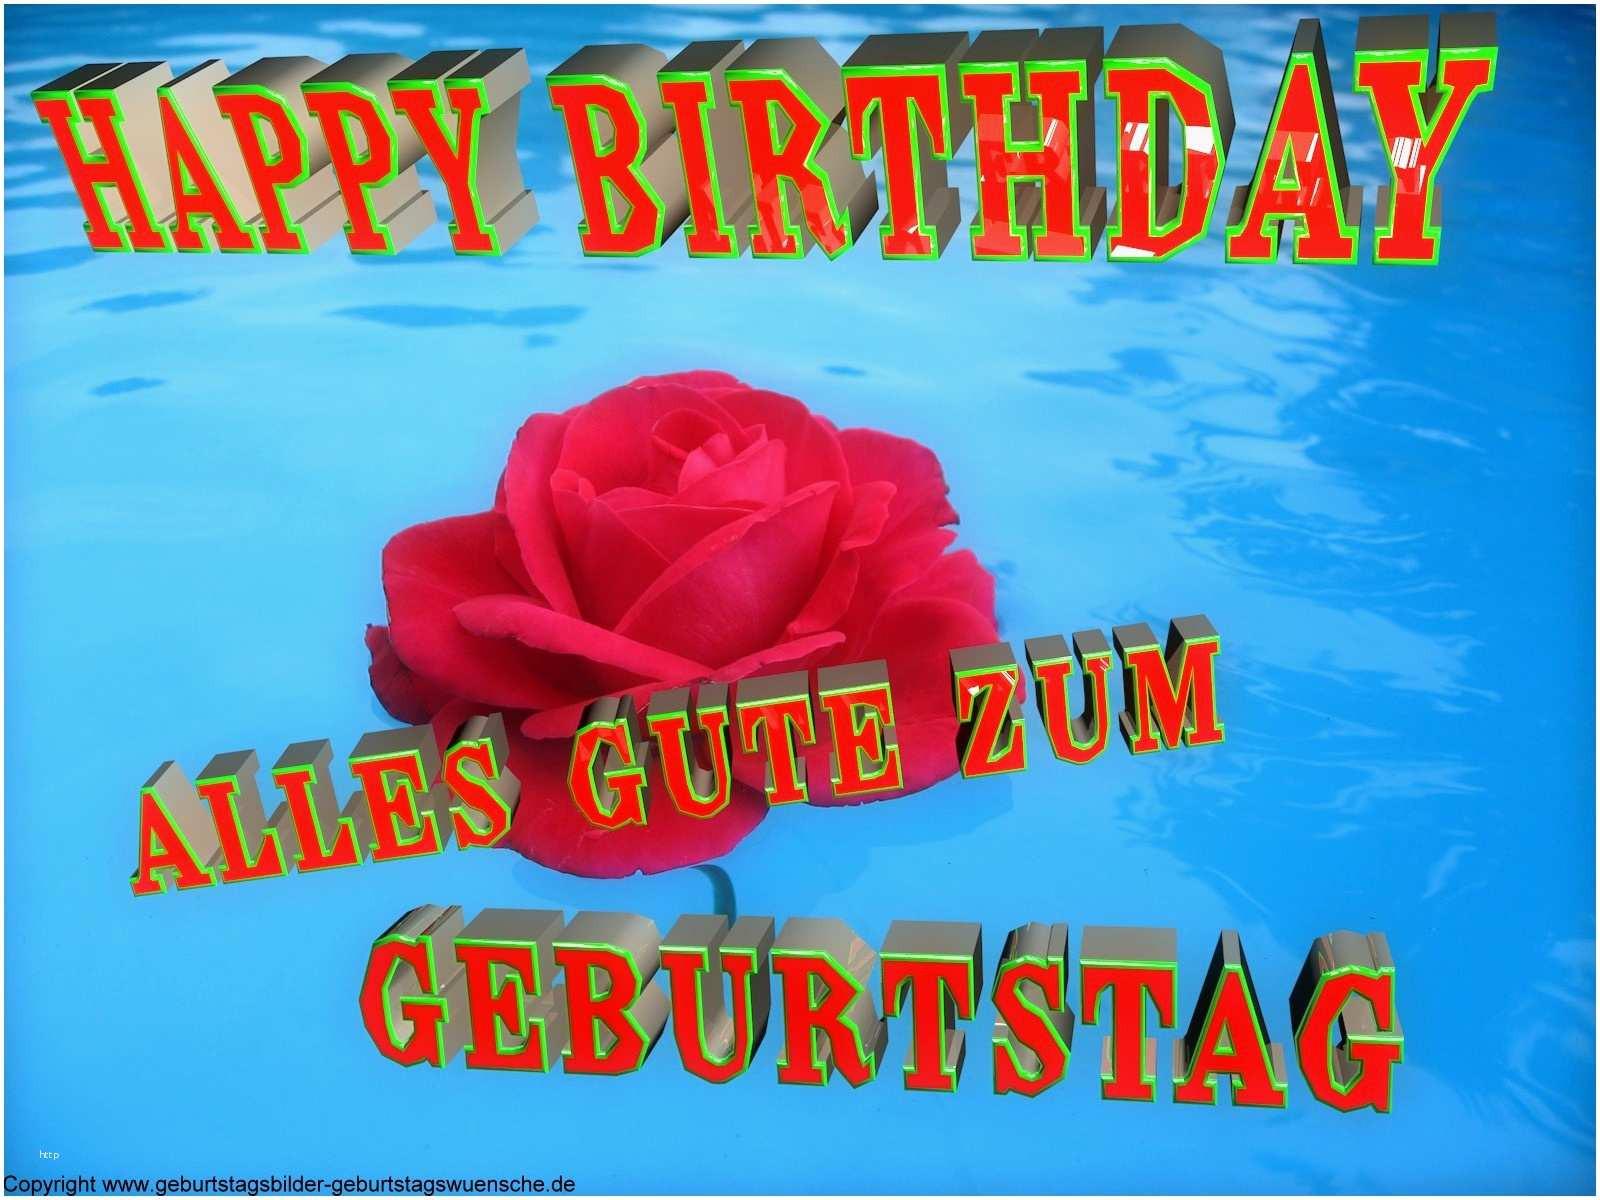 Geburtstagswünsche Spanisch  Alles Gute Zum Geburtstag Spanisch Wunderbar Alles Gute